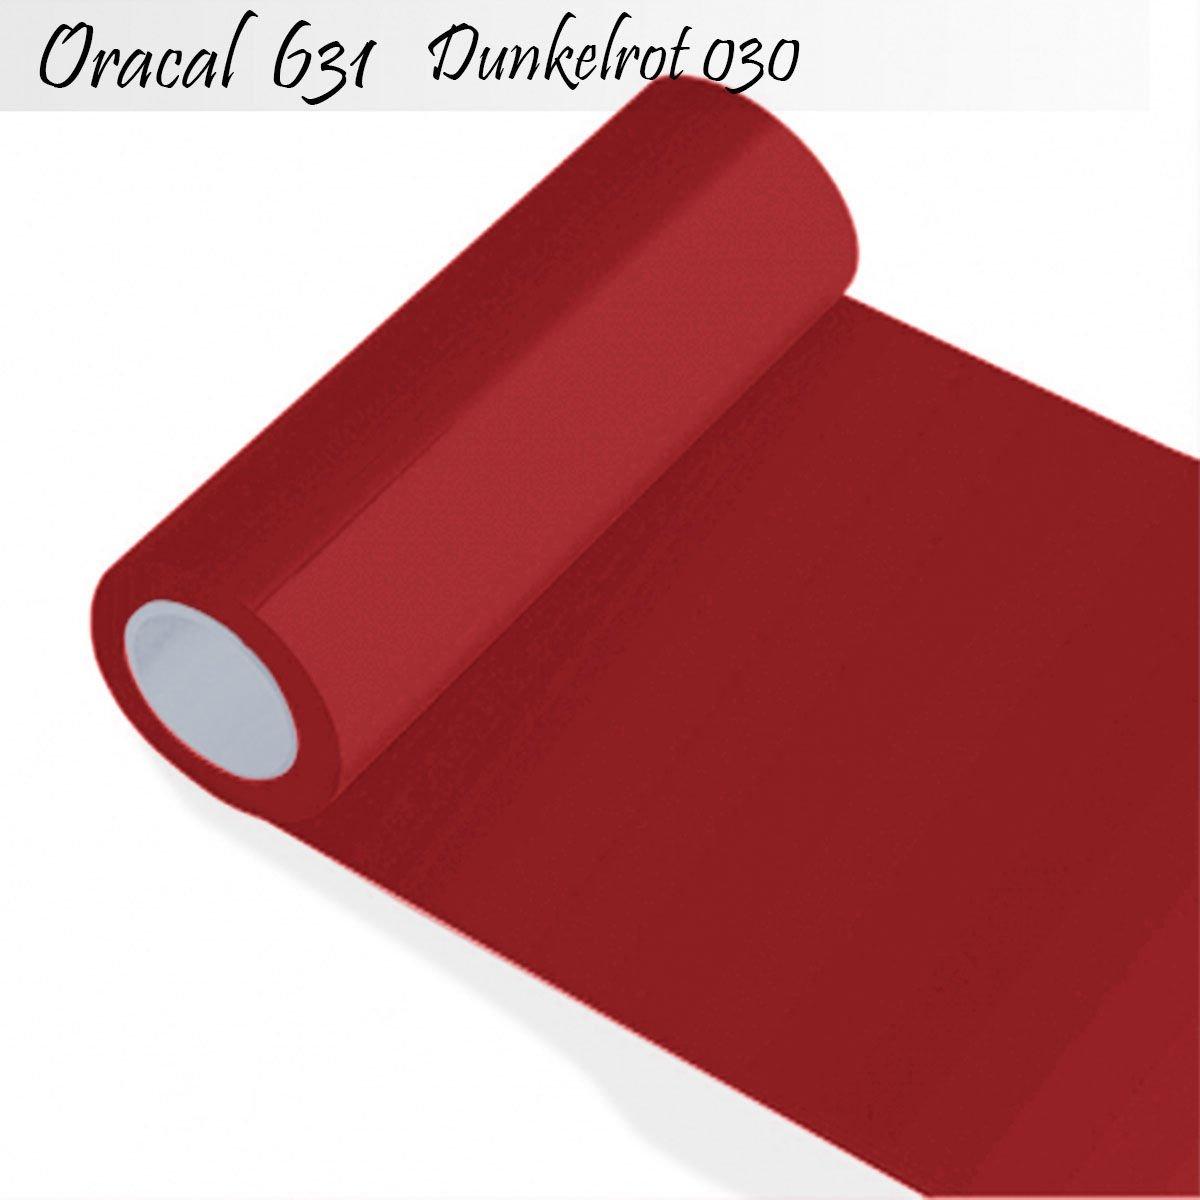 Oracal 631 - Orafol matt - für Küchenschränke und Dekoration Folie 25m Rolle - 100 cm Folienhöhe - 30-dunkelrot - Markierungen, Beschriftungen und Dekorationen - Klebefolie - Plotterfolie - Wandschutzfolie - Möbelfolie - Fahrzeugfolie - selbstklebend - Kü